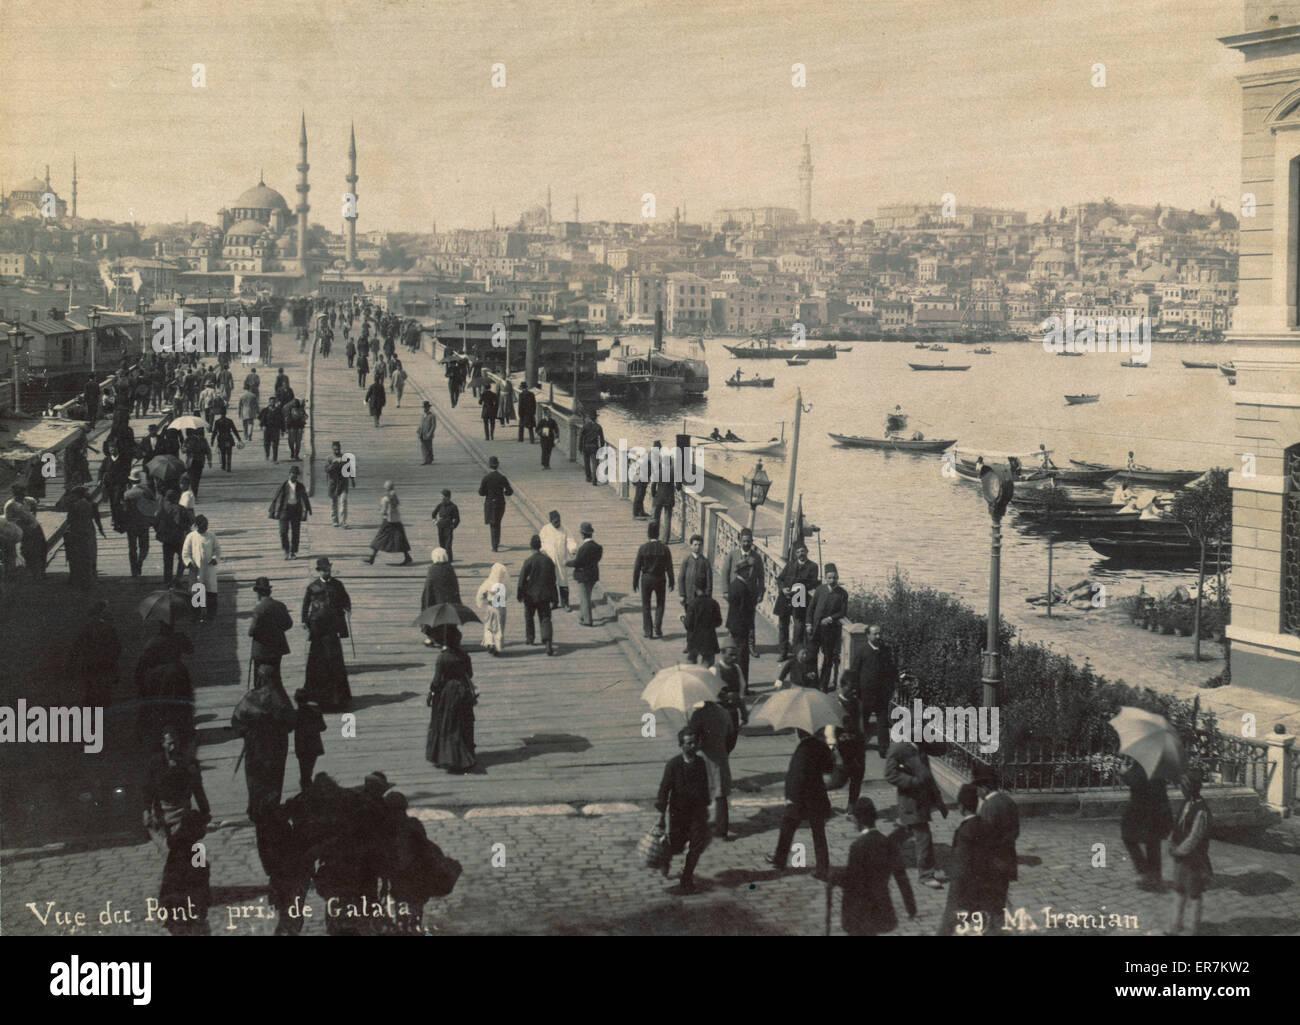 Vue du pont de Galata. Le pont de Galata, Istanbul. Date entre 1870 et 1900. Banque D'Images